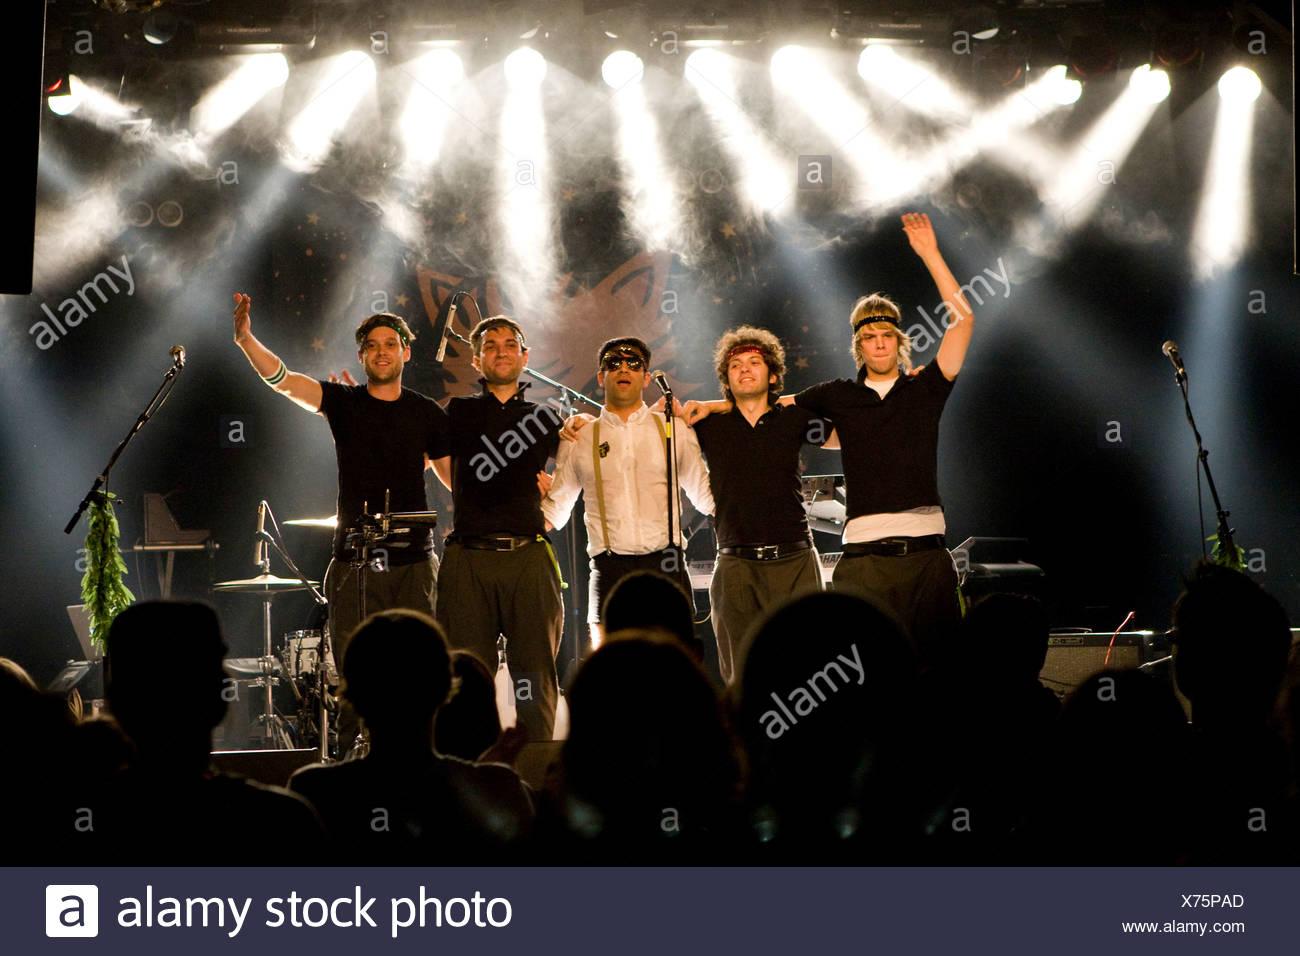 Le groupe allemand Tigre timide vivent dans la salle de concert Schueuer, Lucerne, Suisse Photo Stock